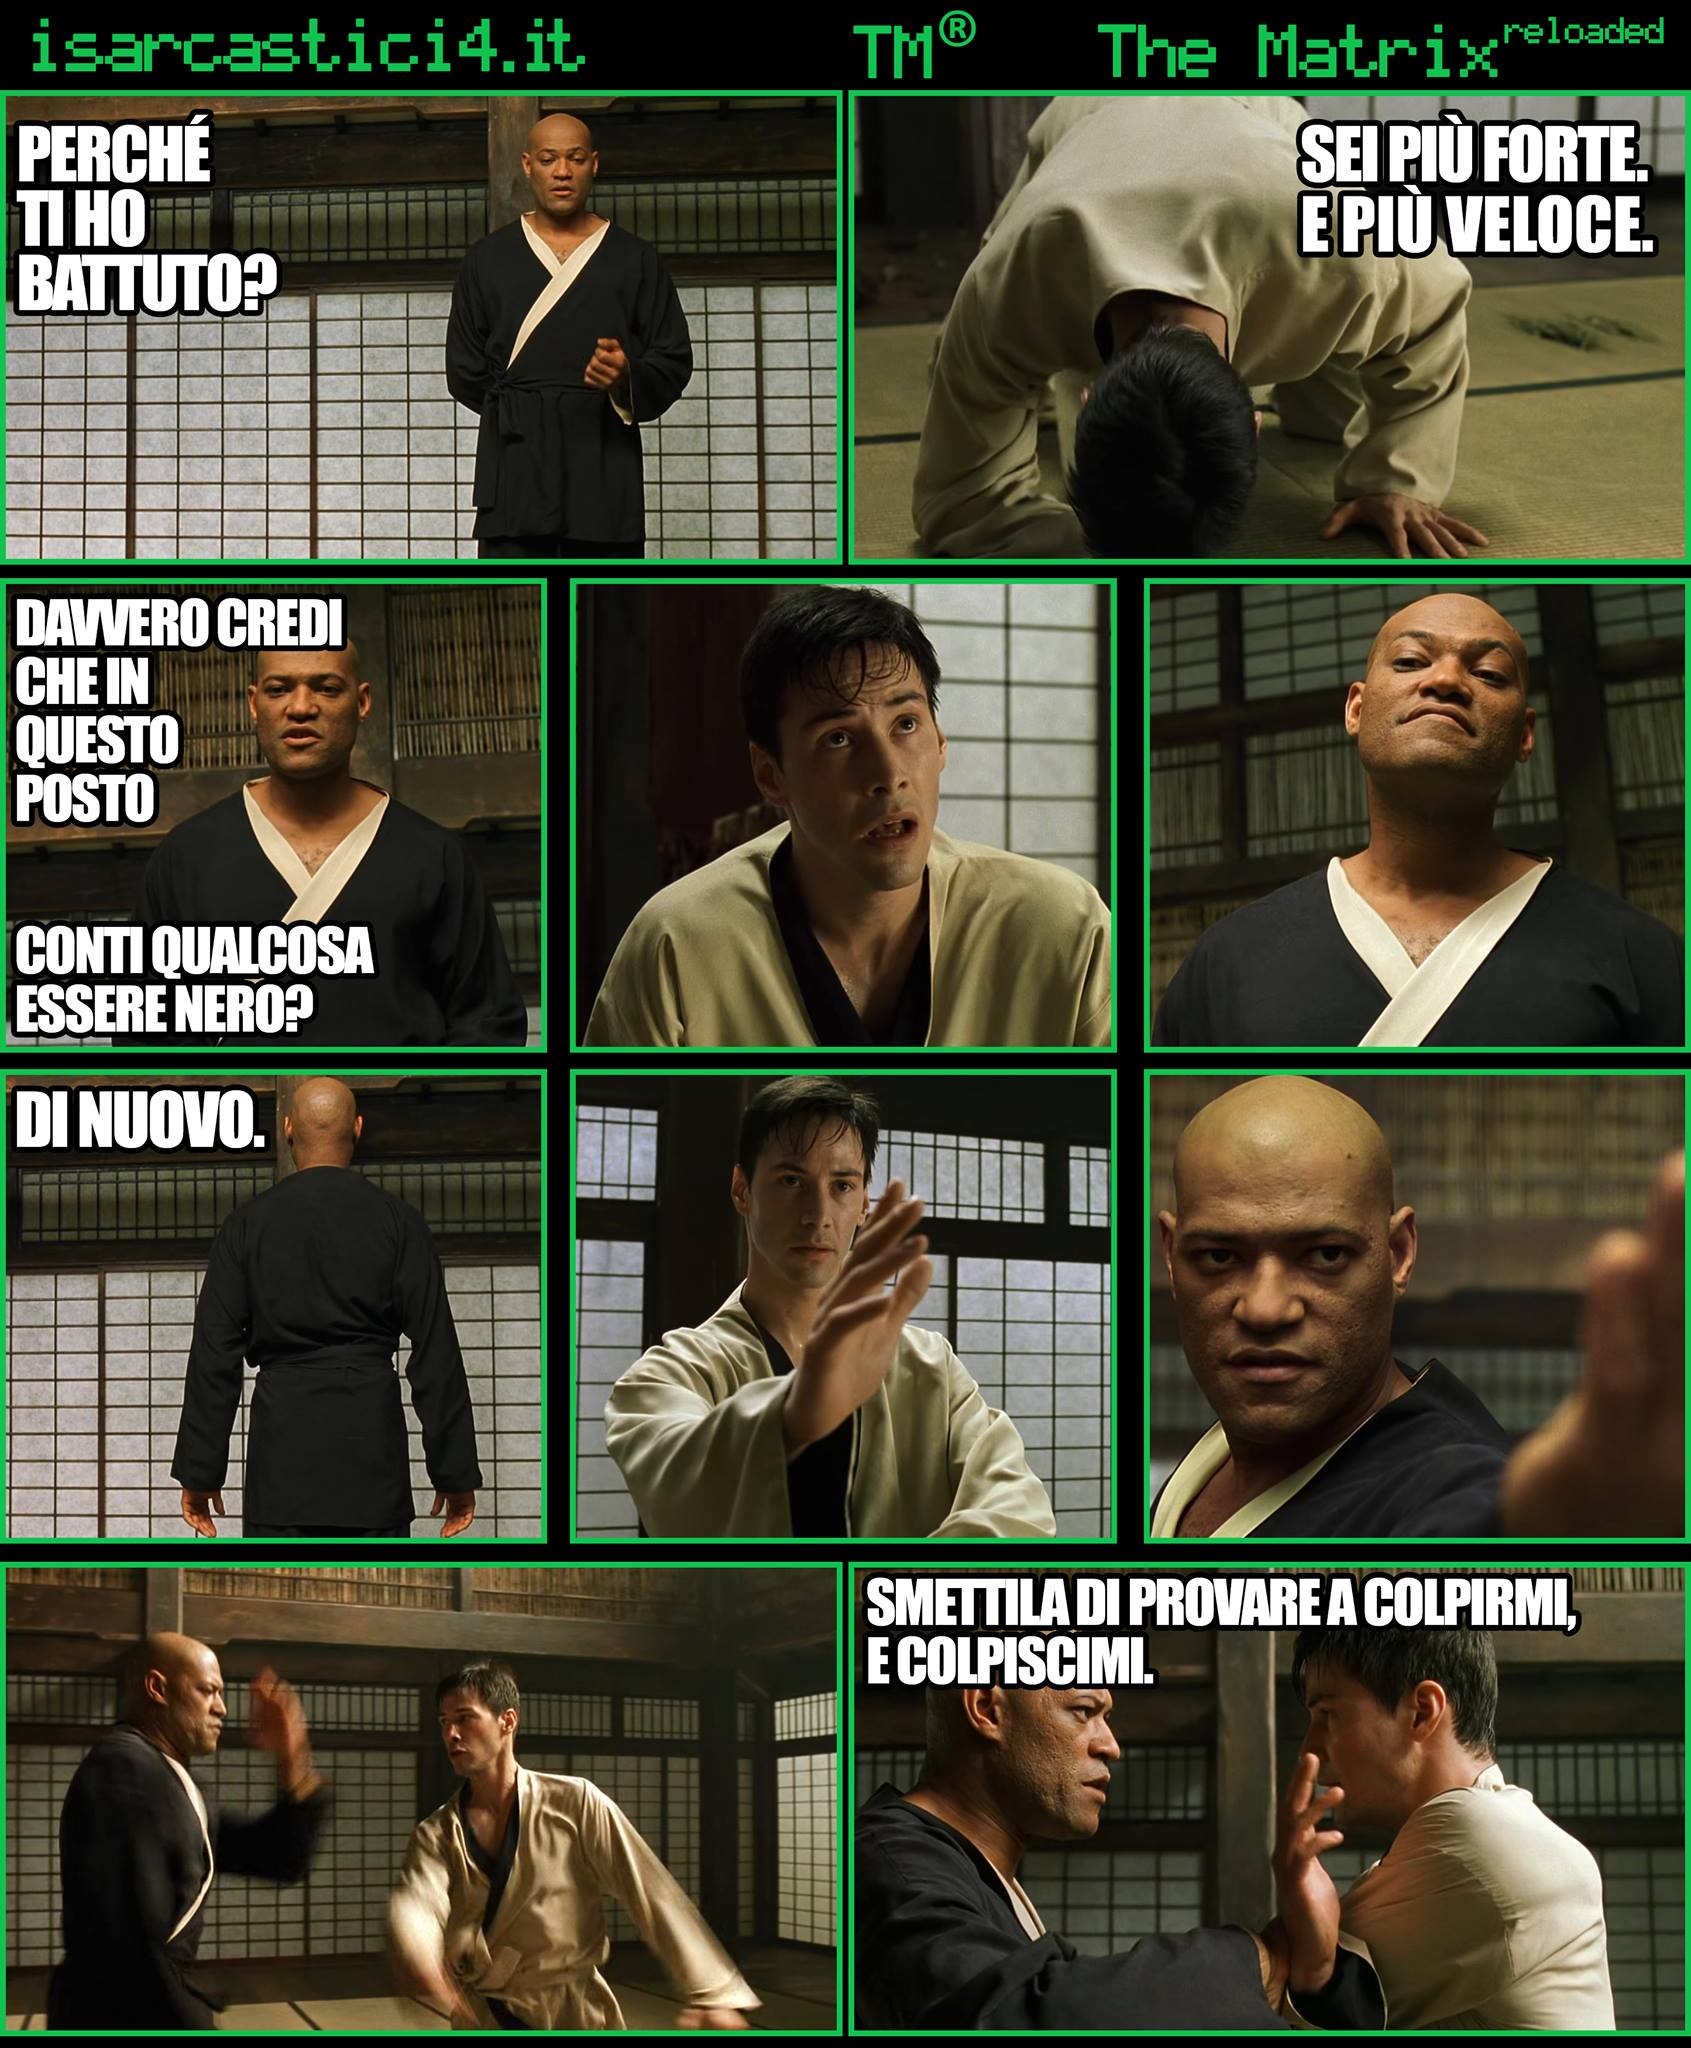 TMR - The Matrix Reloaded - La parodia a fumetti di Matrix